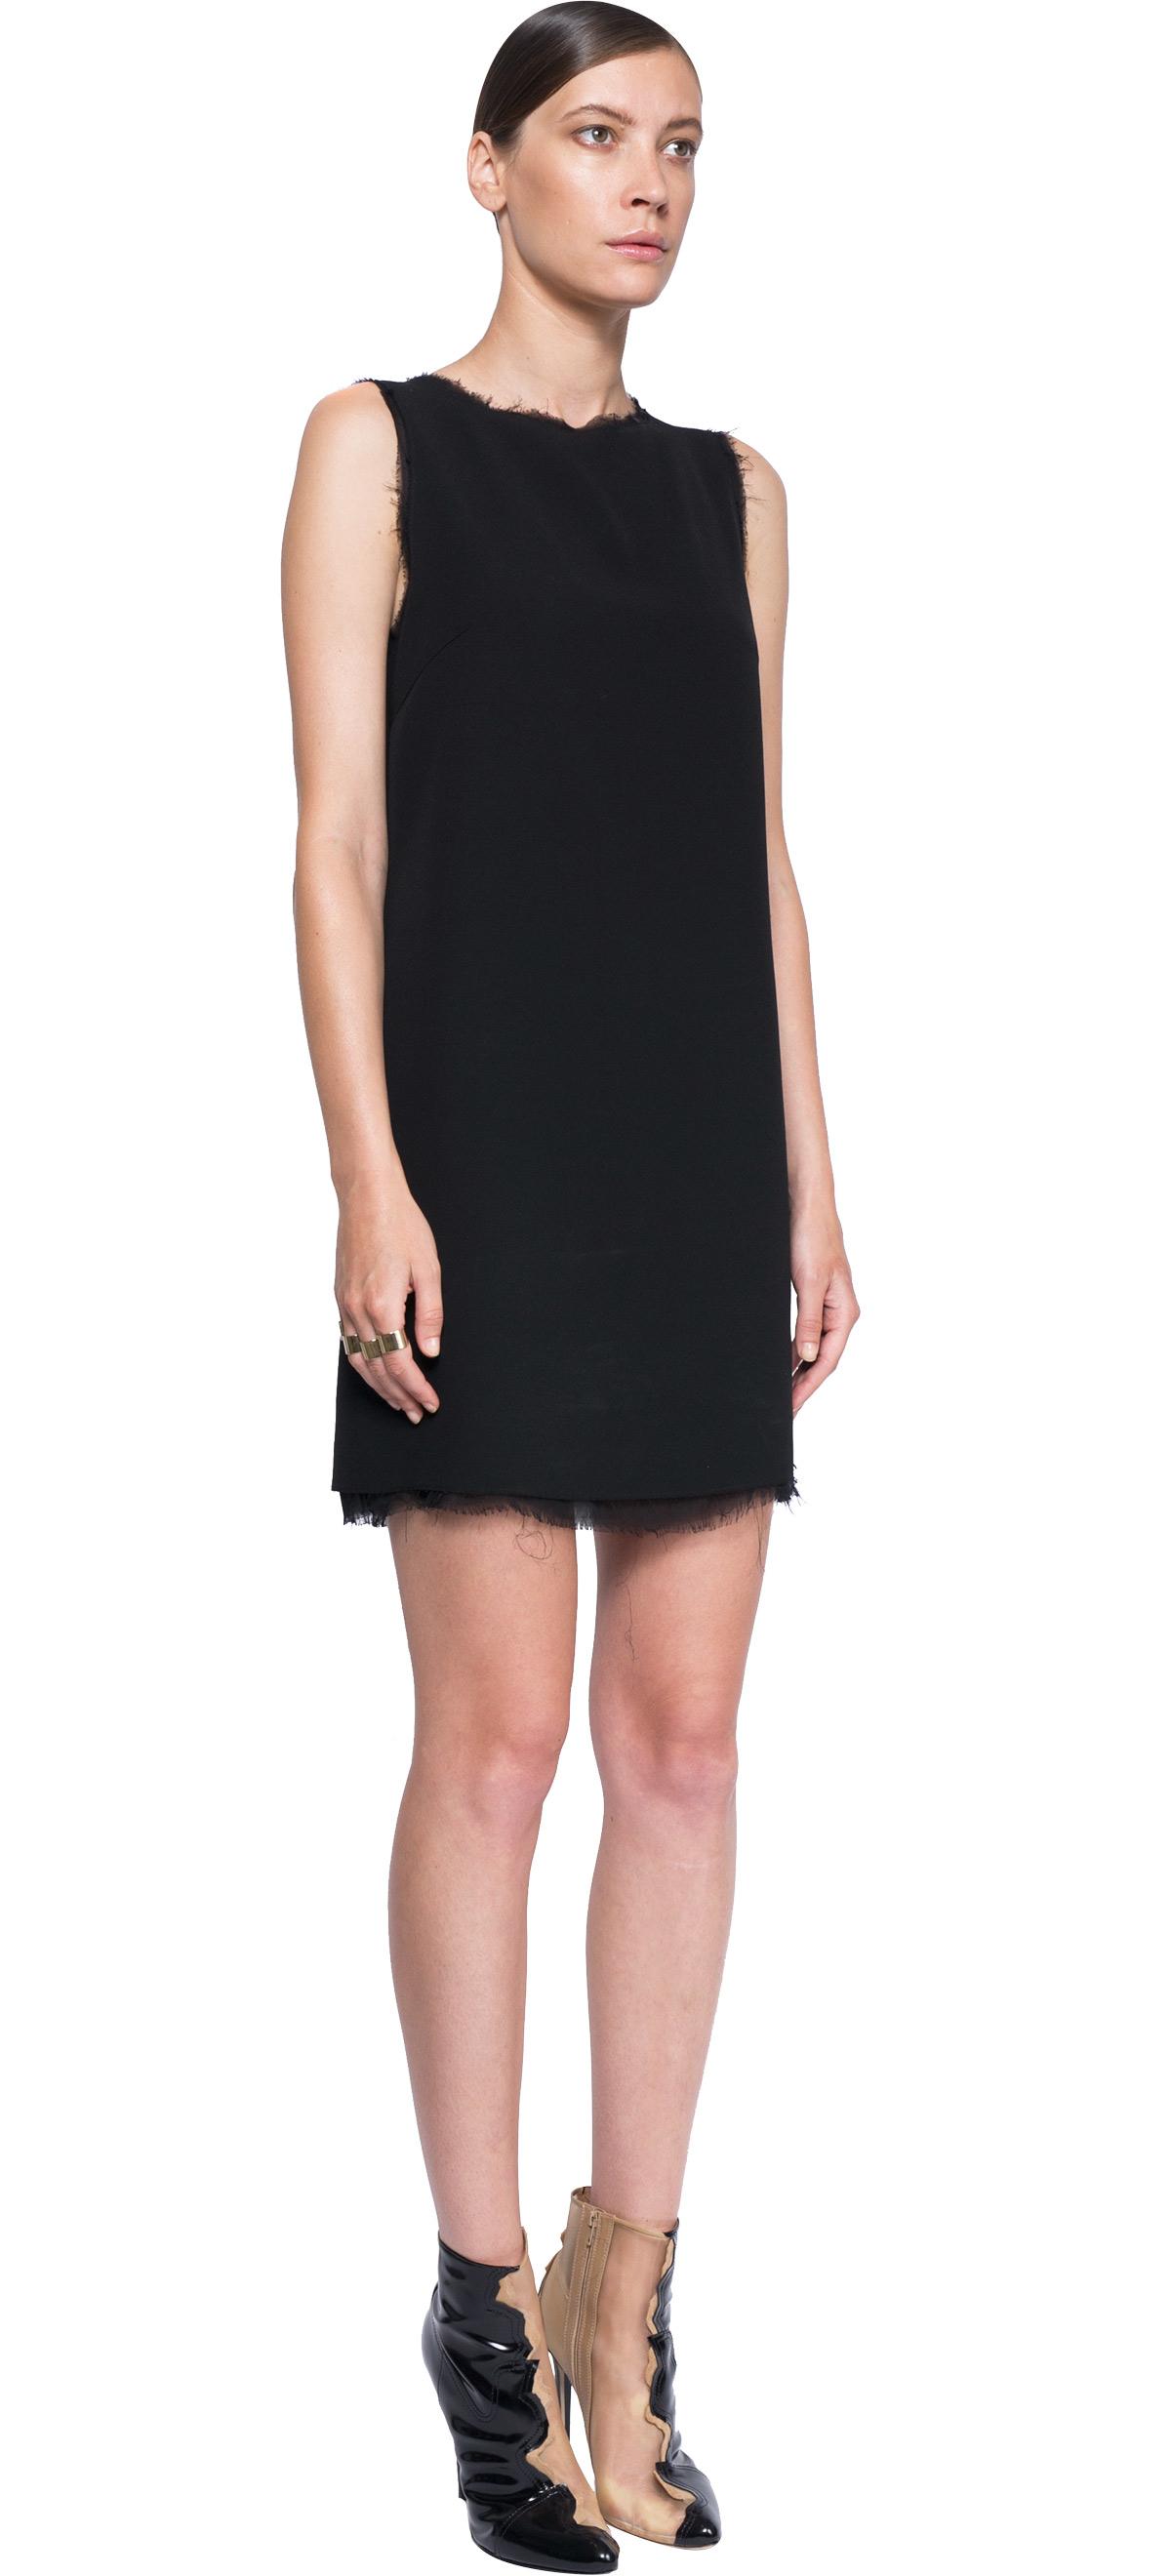 The Little Black Dress by Viktor & Rolf